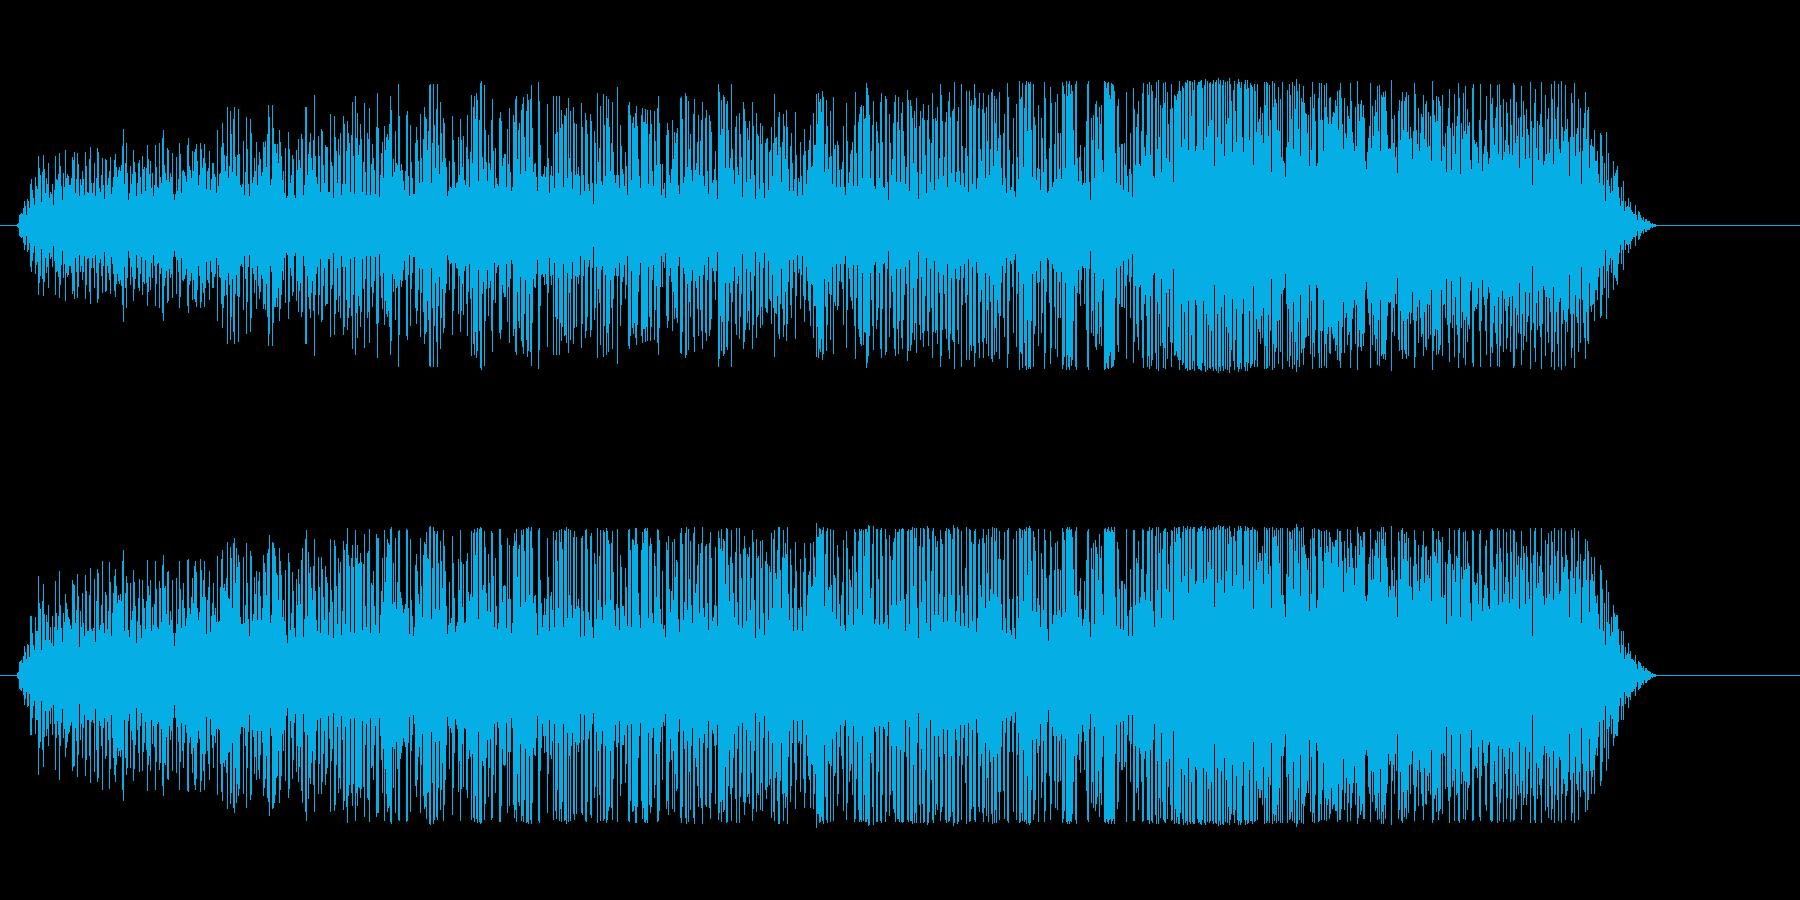 ドラッグスター;アイドル、車のアイ...の再生済みの波形